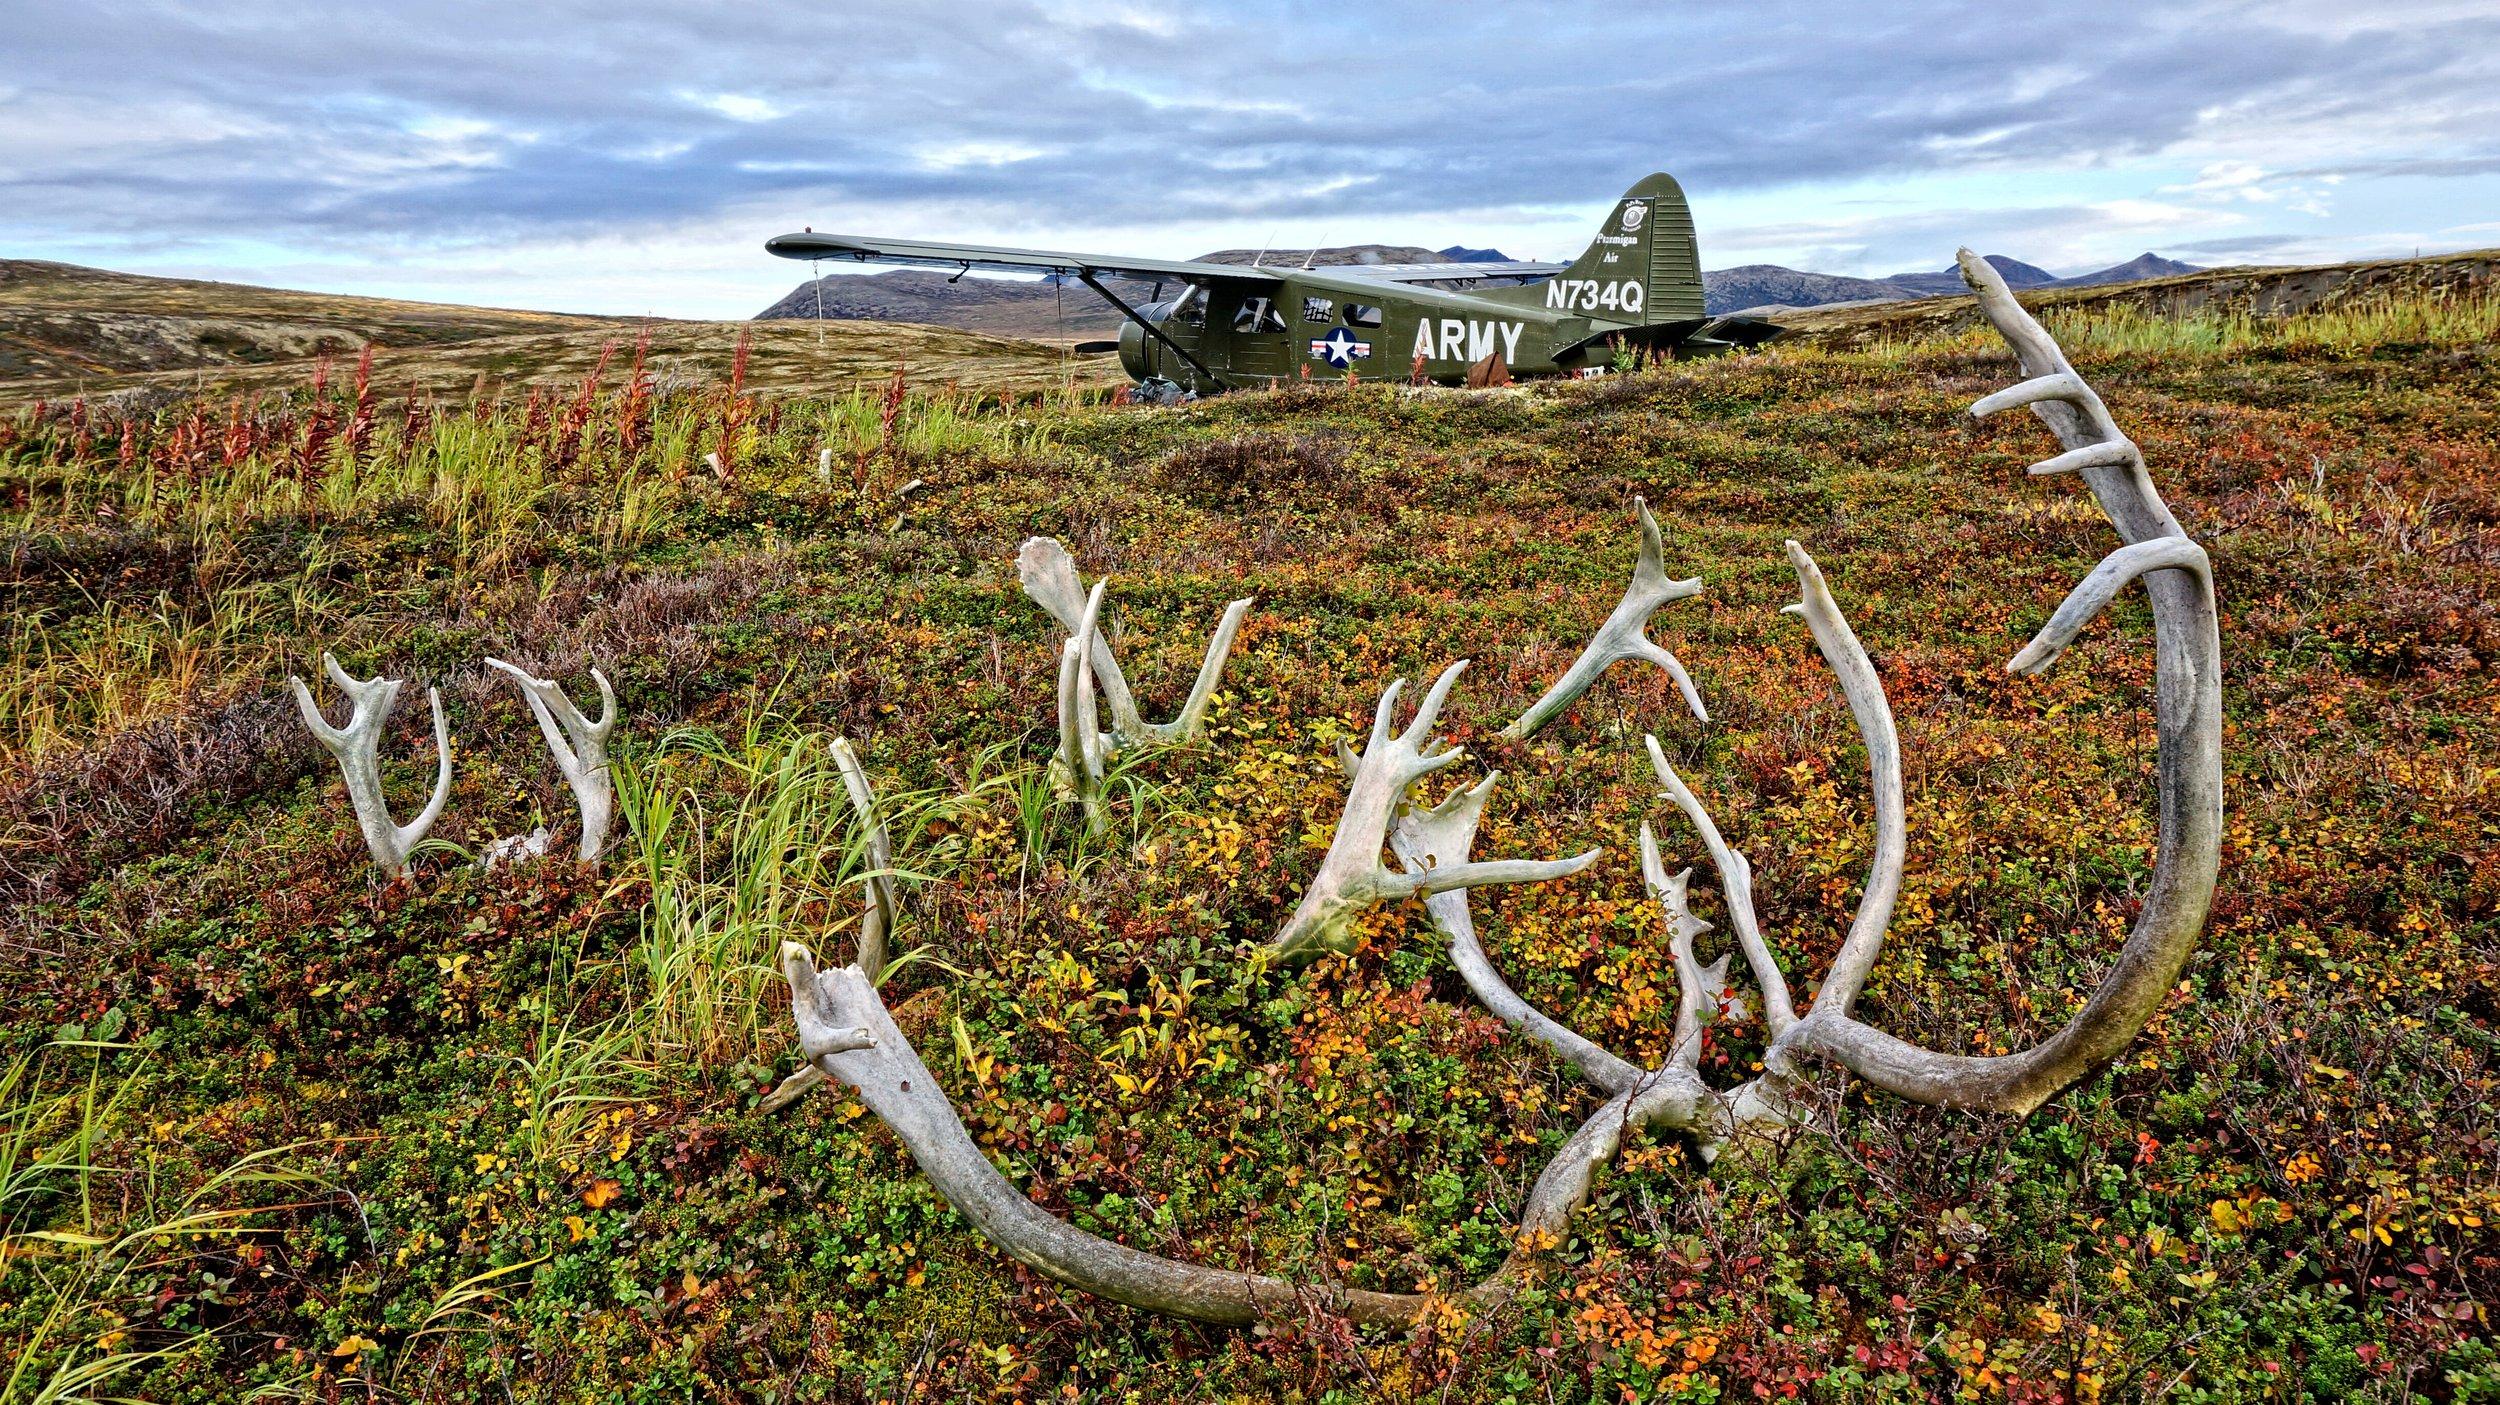 Papa Bear_Army Plane Base Camp.jpg